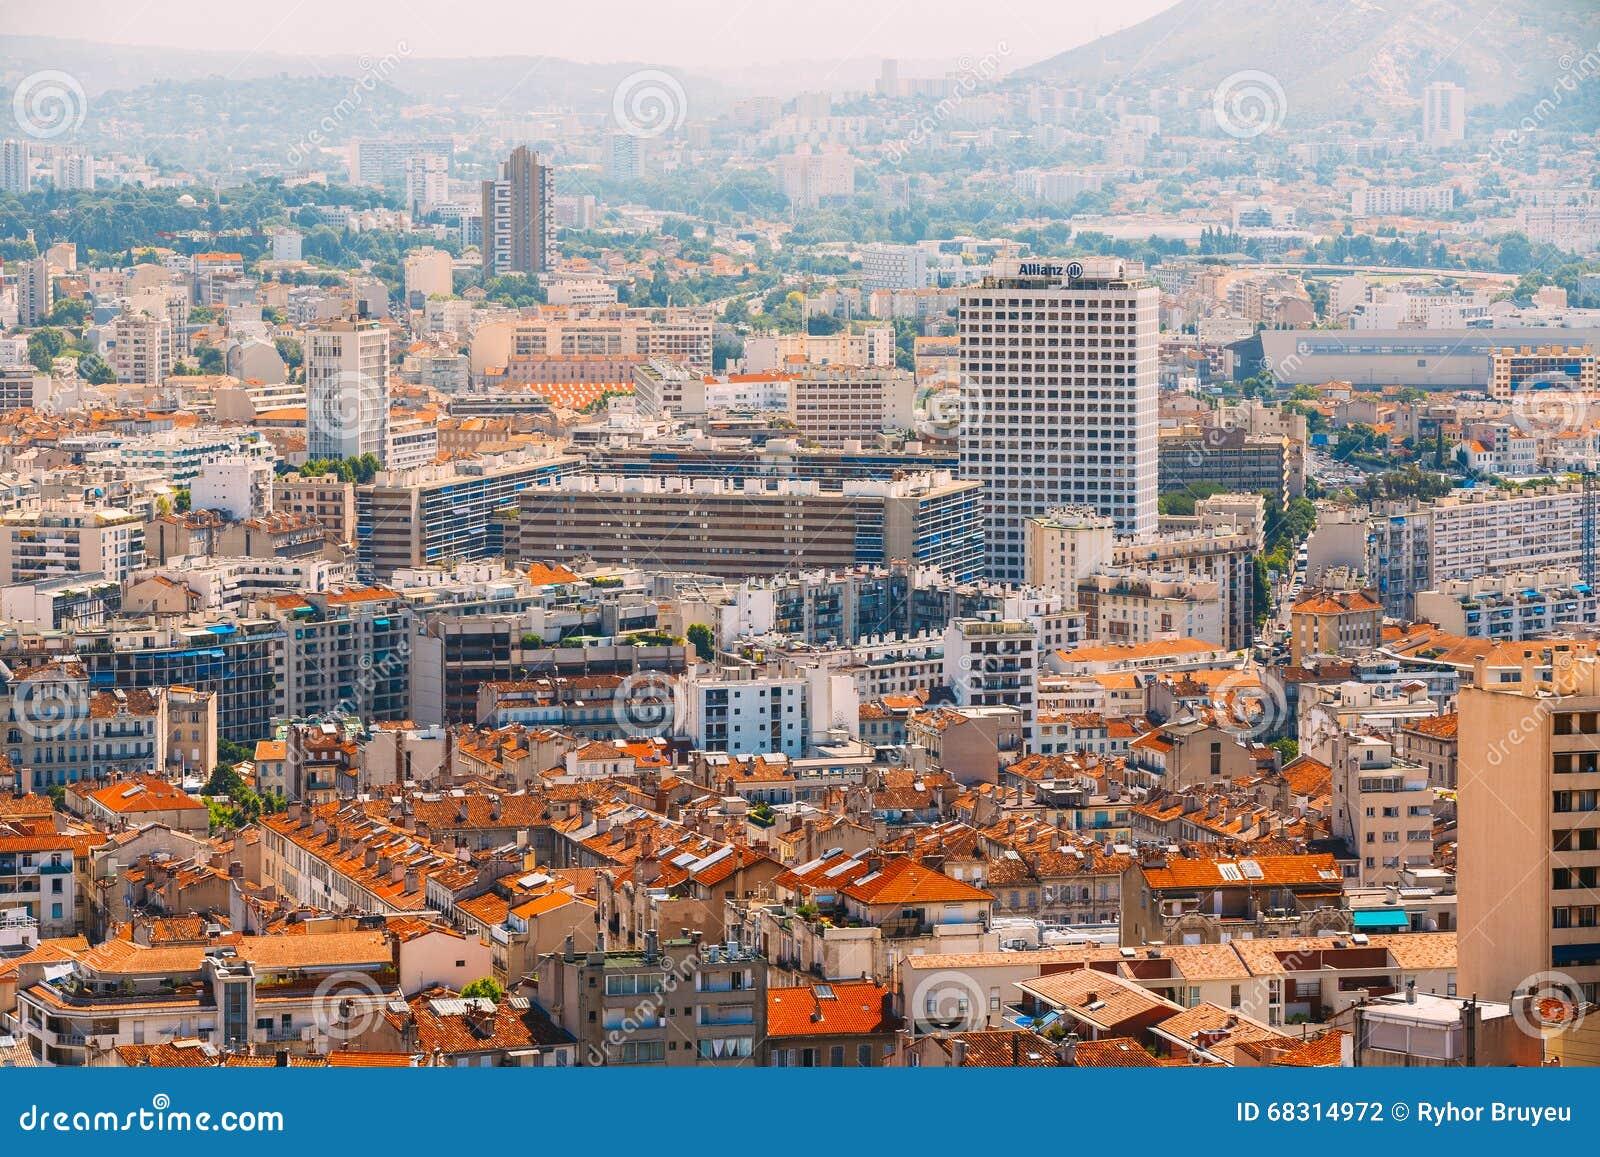 Paysage urbain de marseille france fond urbain for Agence de paysage marseille